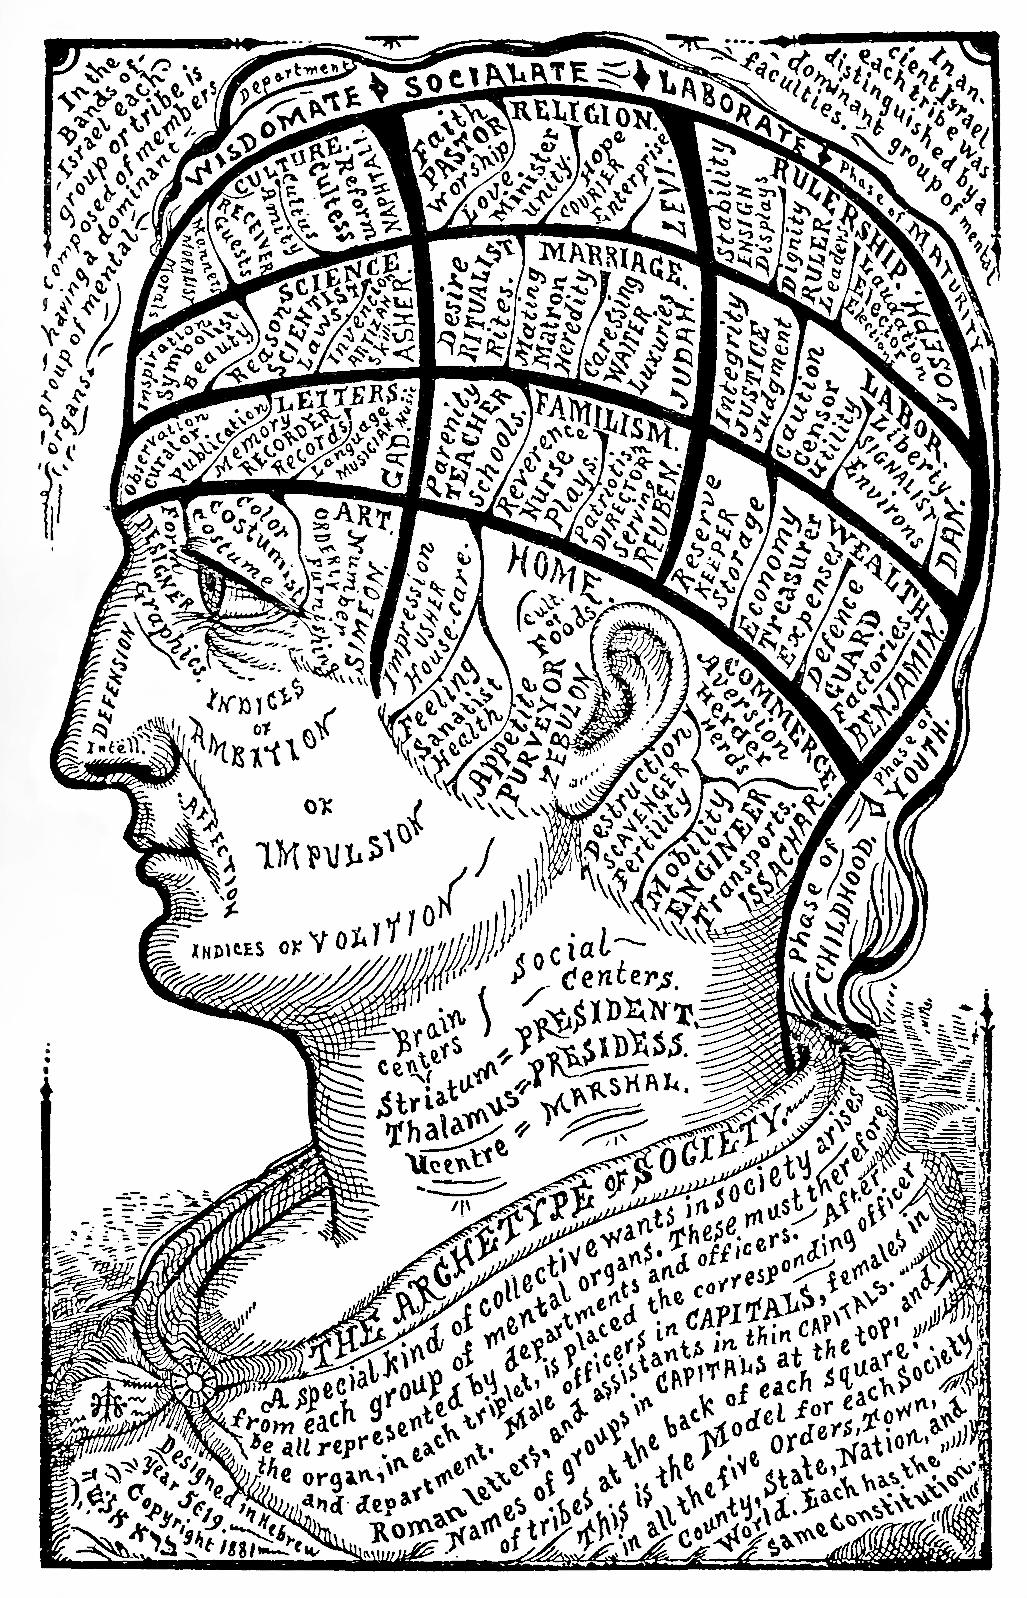 70_archetype_of_society_1882.jpg